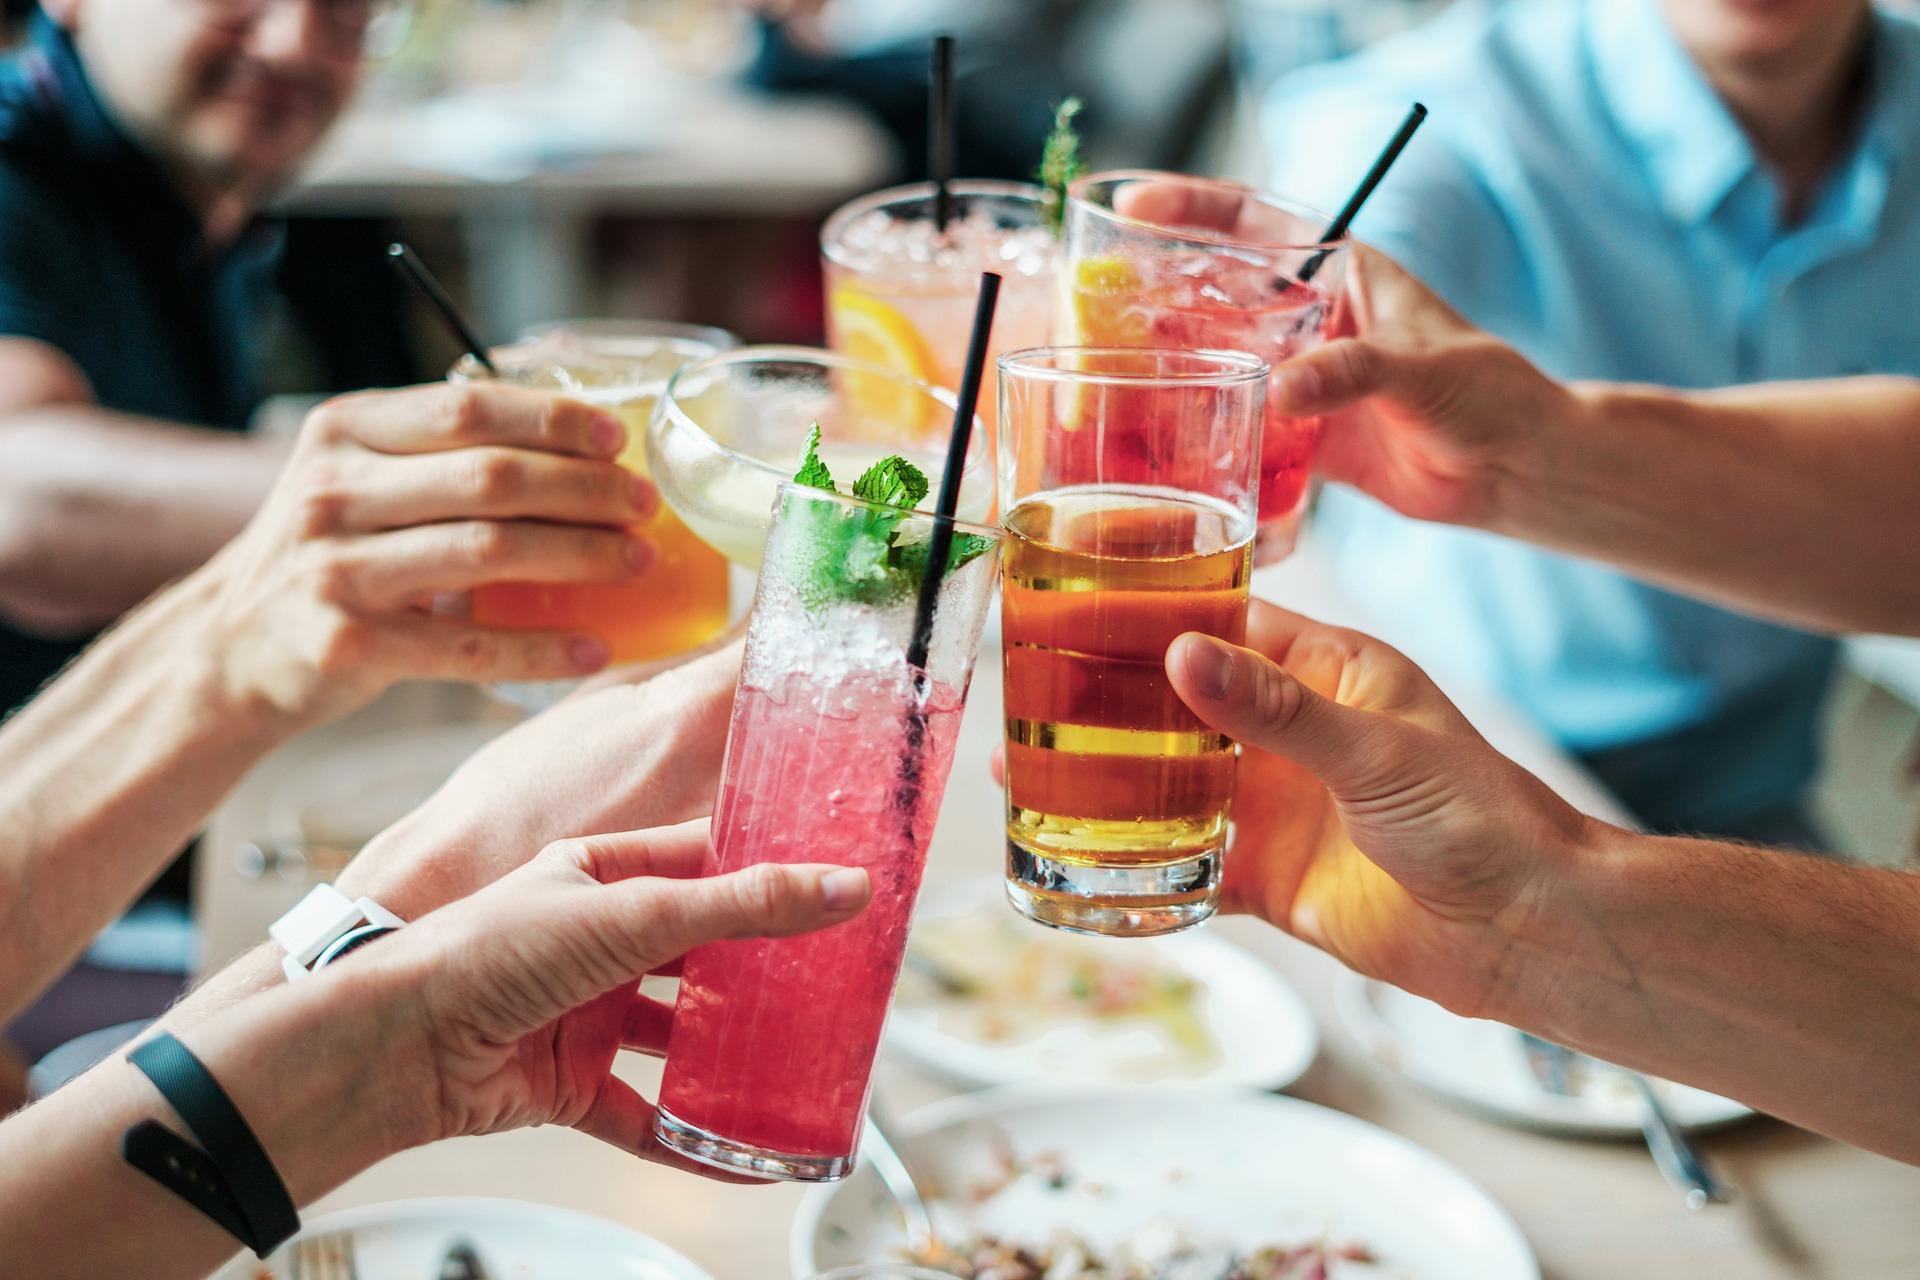 Drunkorexia: o distúrbio alimentar relacionado ao consumo de álcool